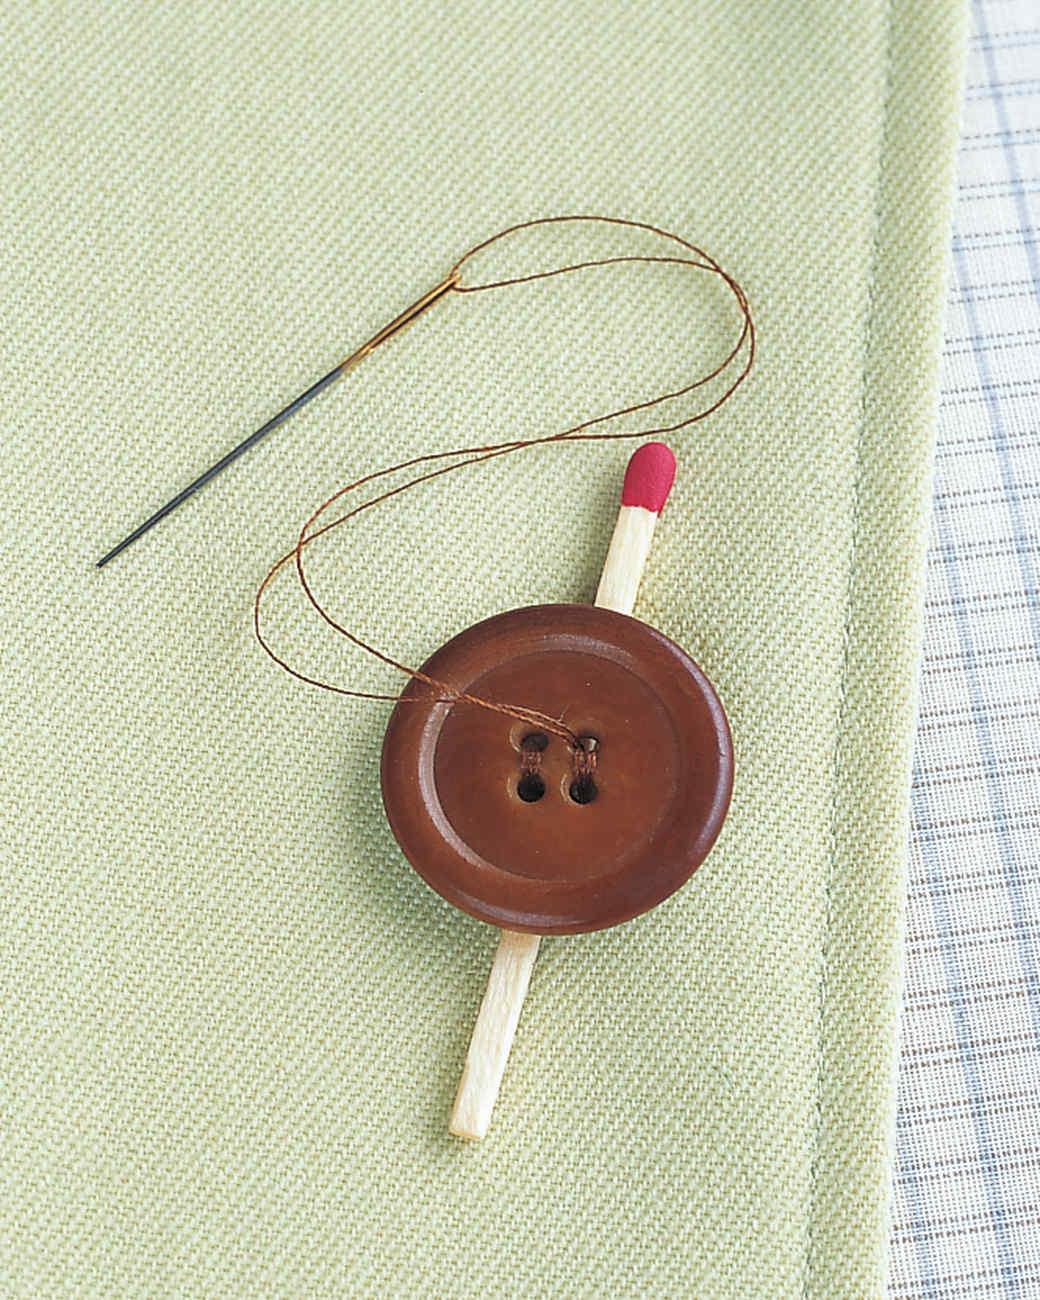 coat-button-matchstick-0915.jpg